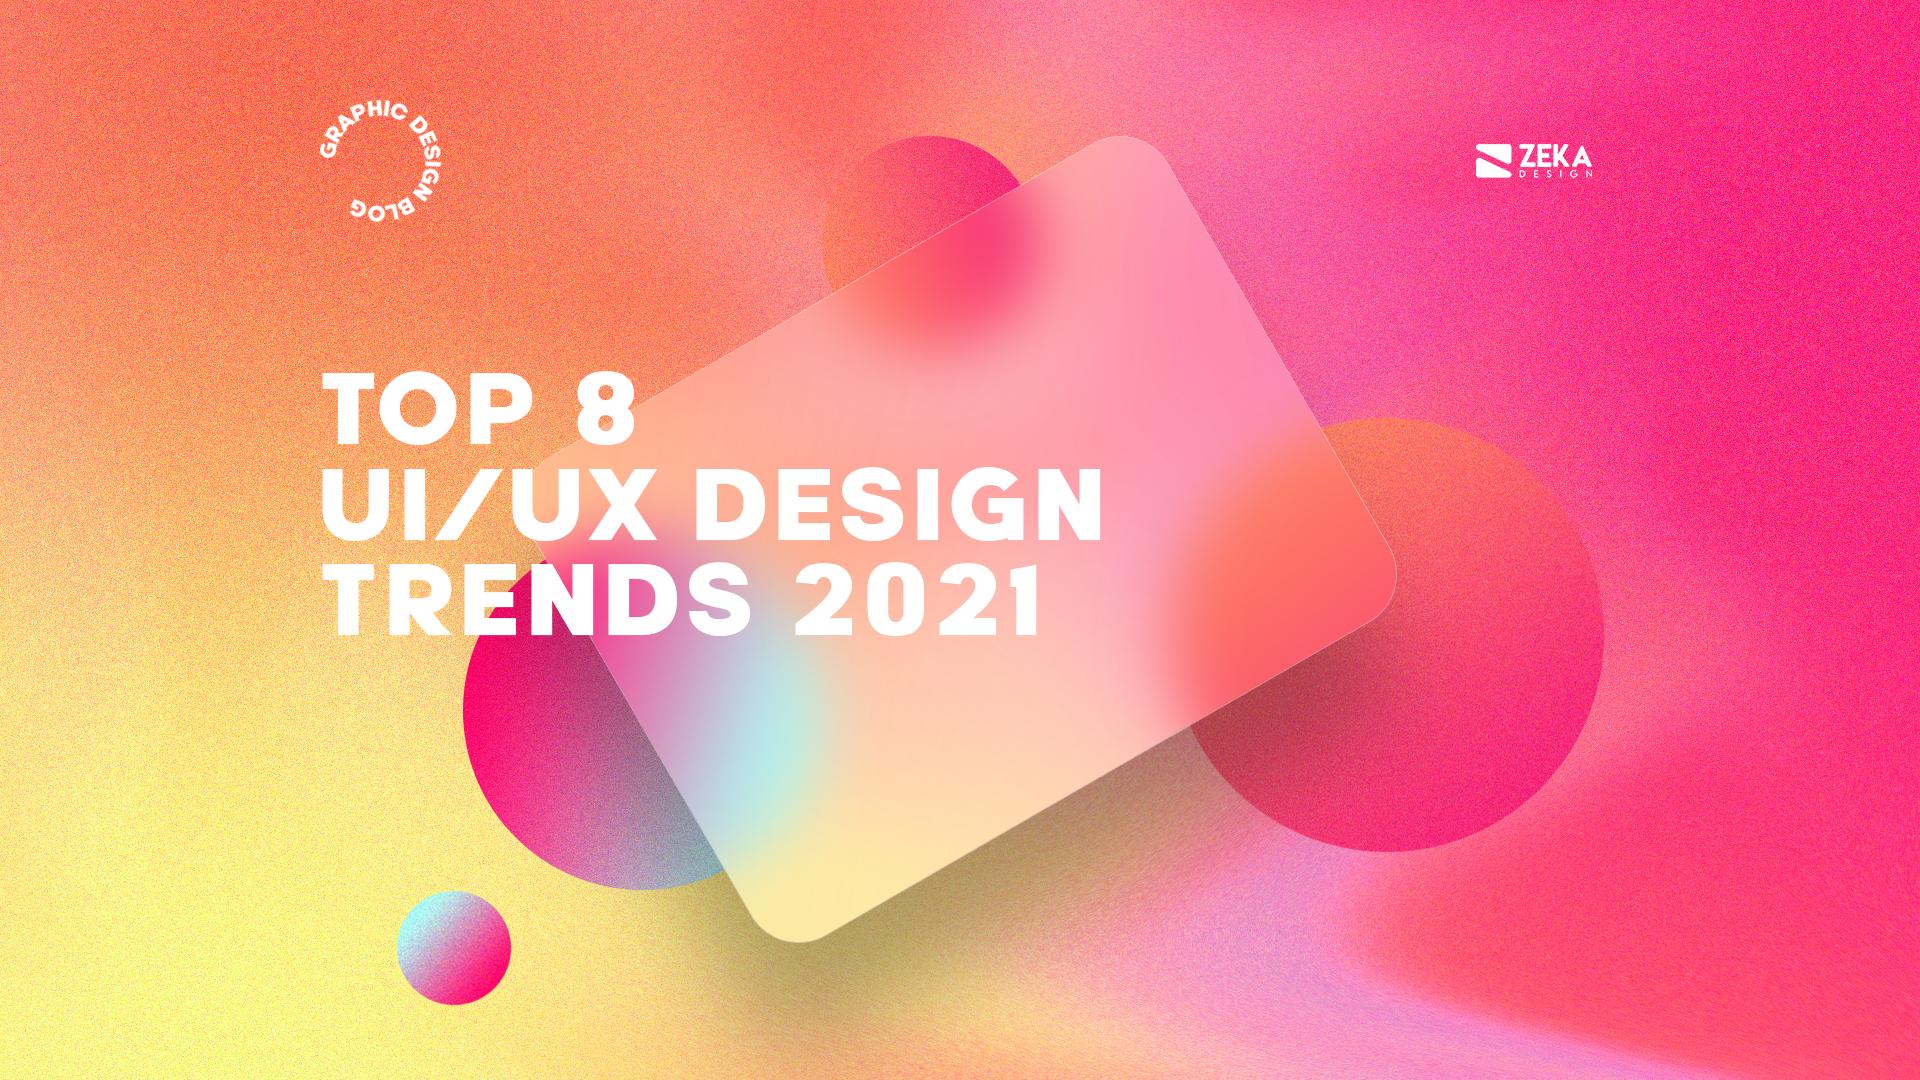 Top 8 UI UX Design Trends in 2021